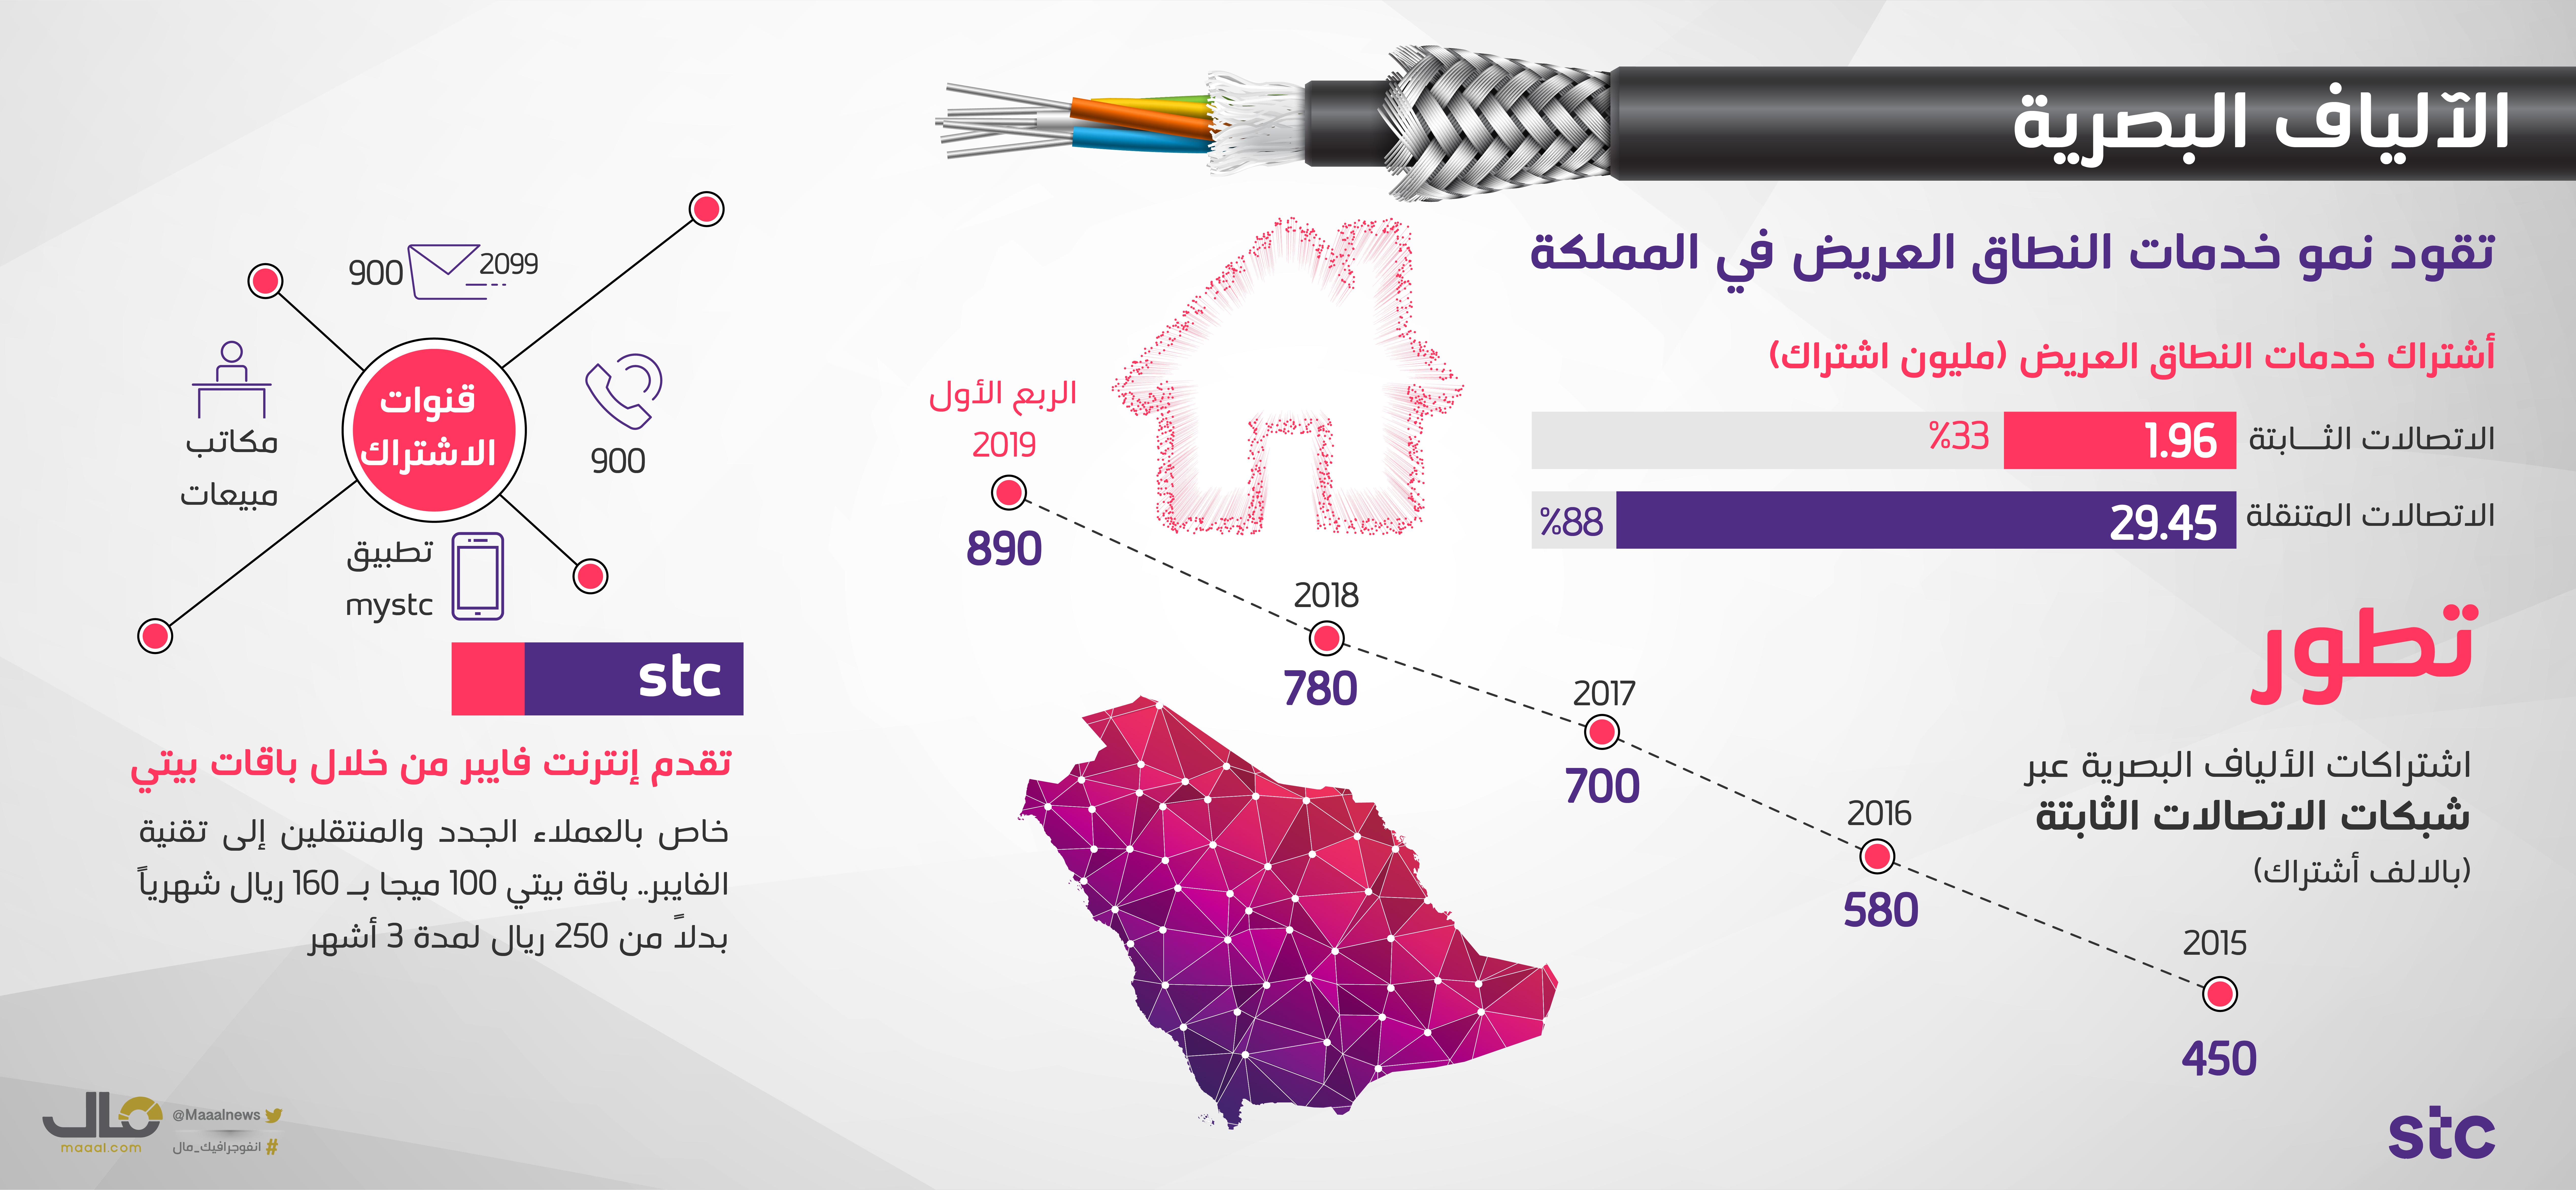 بيانات انفوجراف باقة بيتي 100 للاتصالات السعودية معدل-01